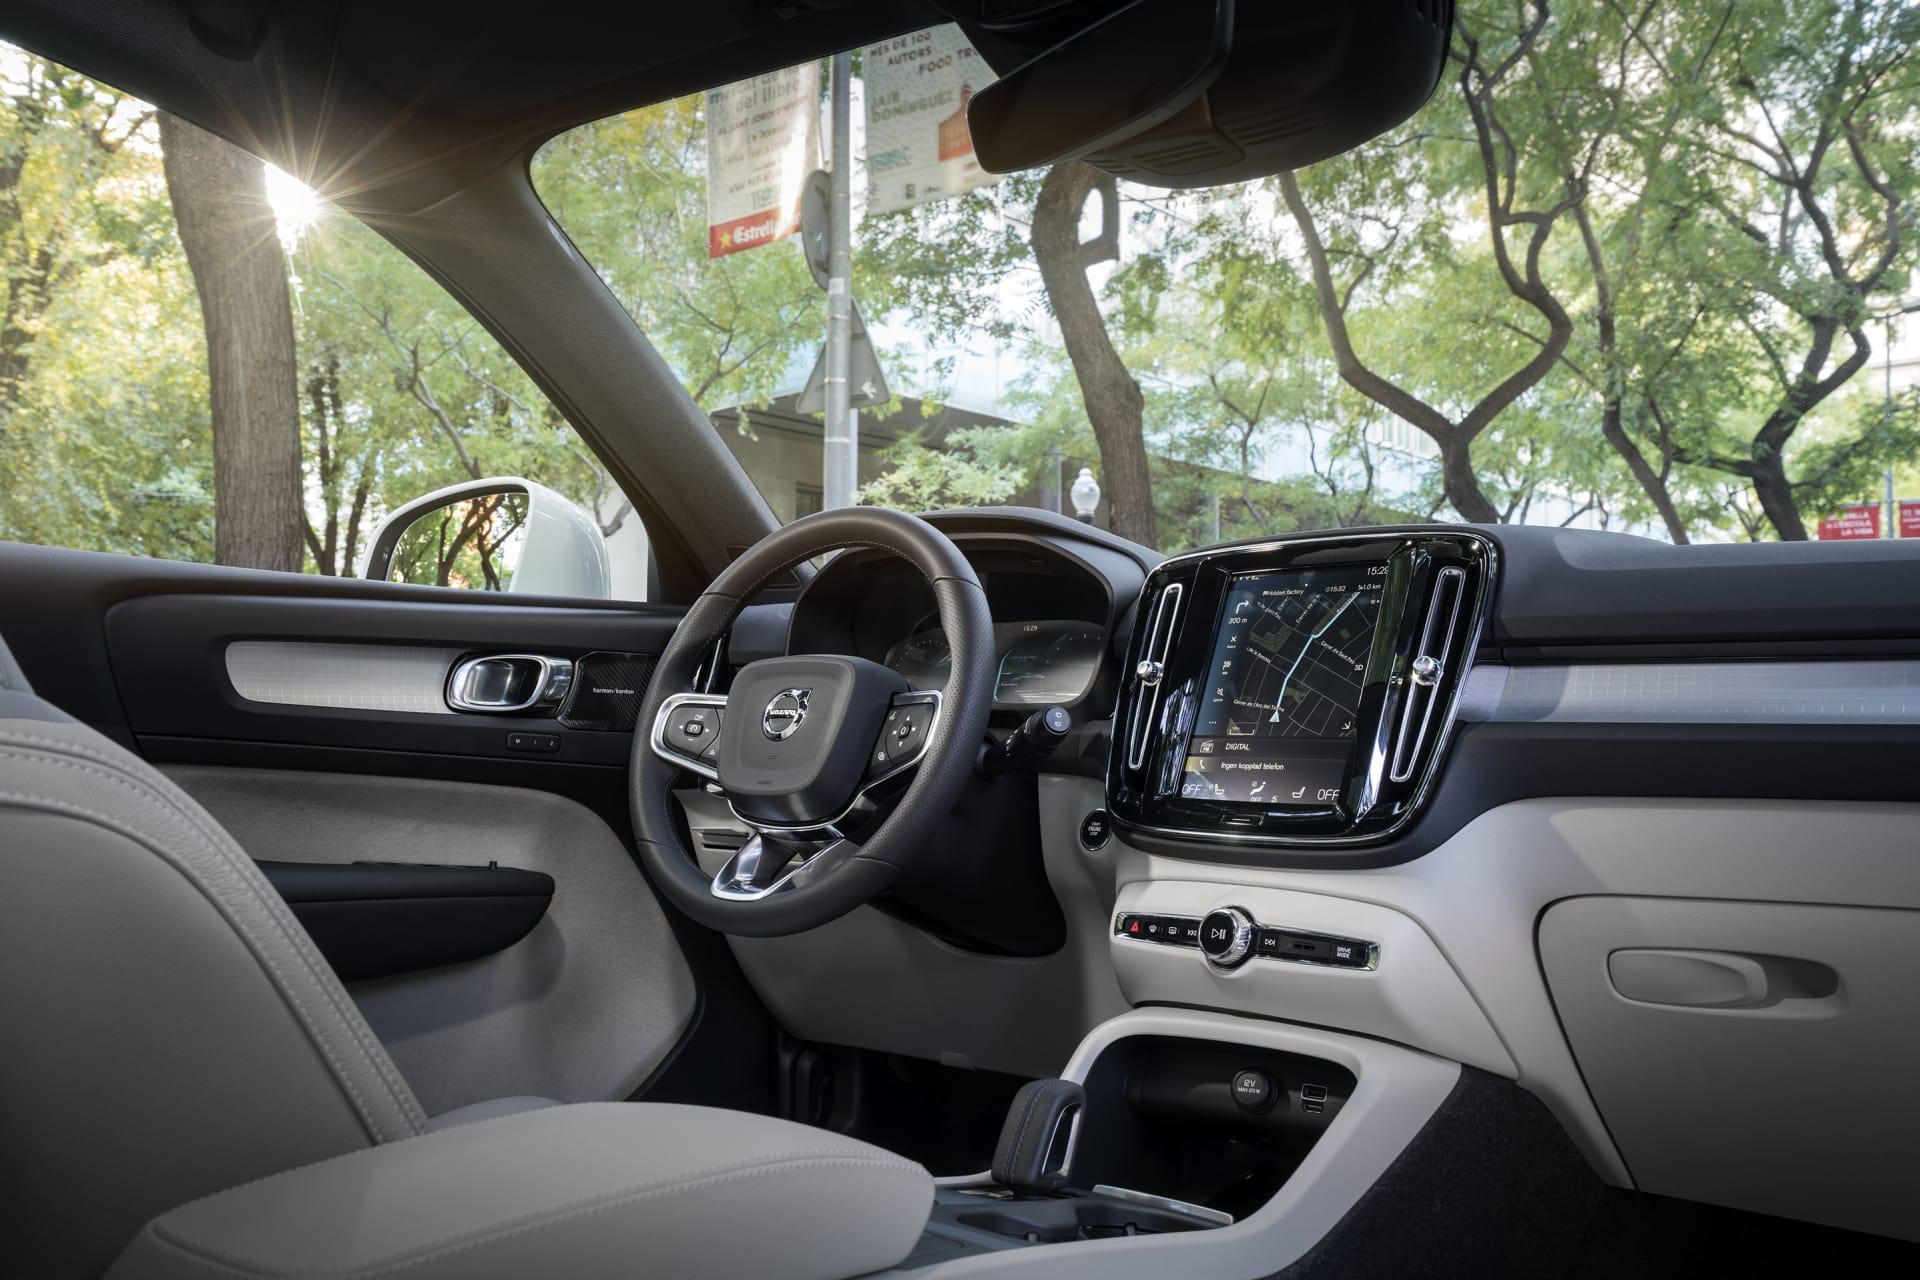 XC40 har en interiör som de flesta borde förstå sig på. Få reglage och en stor bildskärm gör det enkelt att sköta det som ska även när man kör.